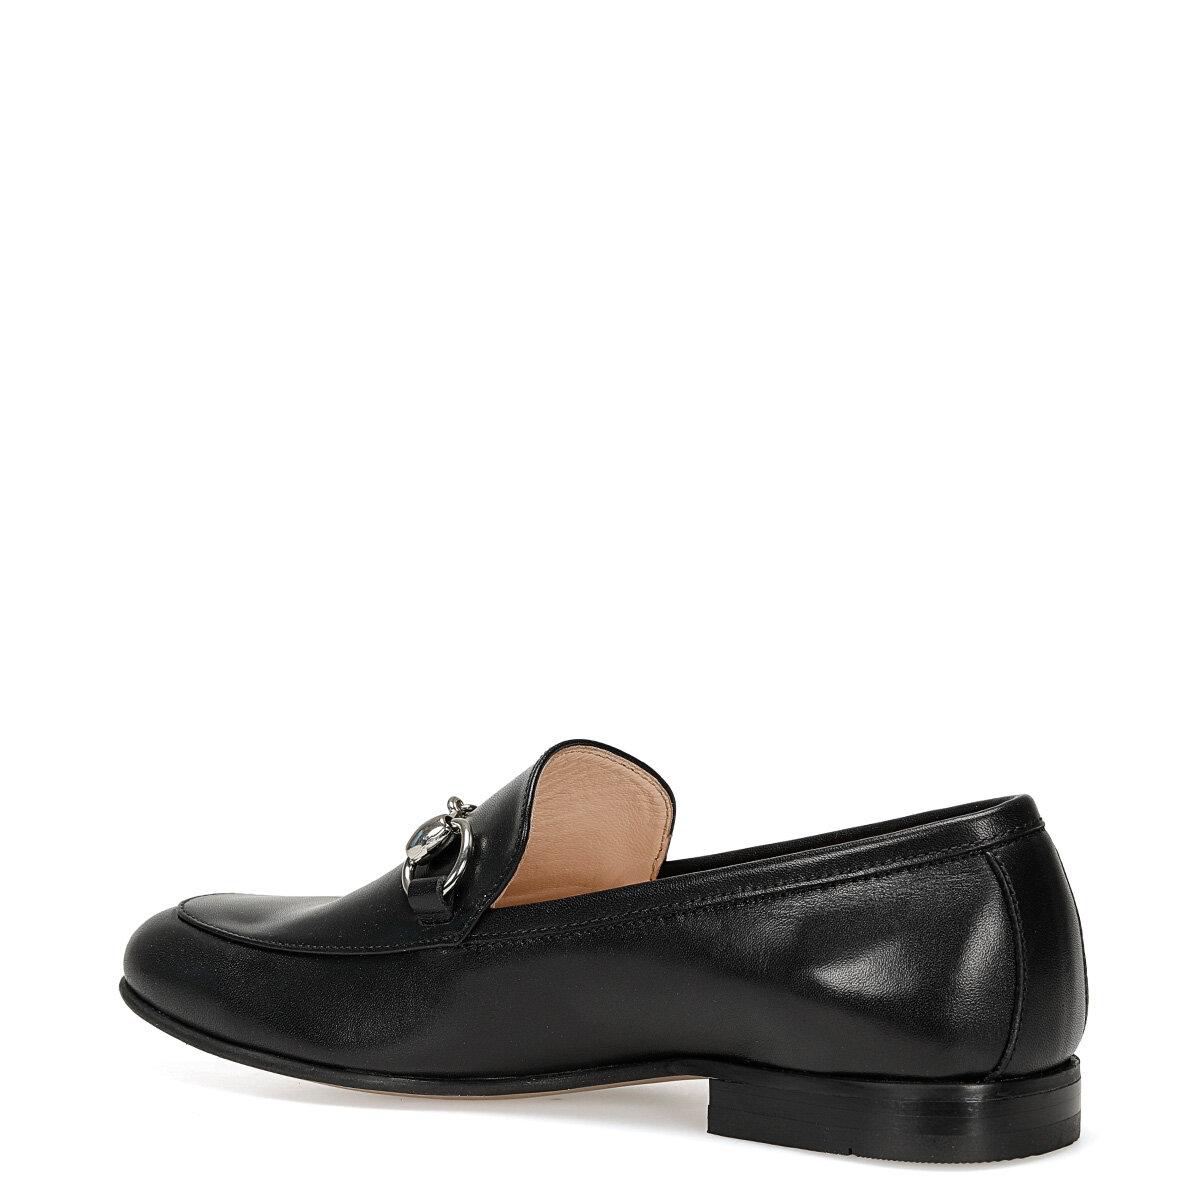 GILA Siyah Kadın Loafer Ayakkabı